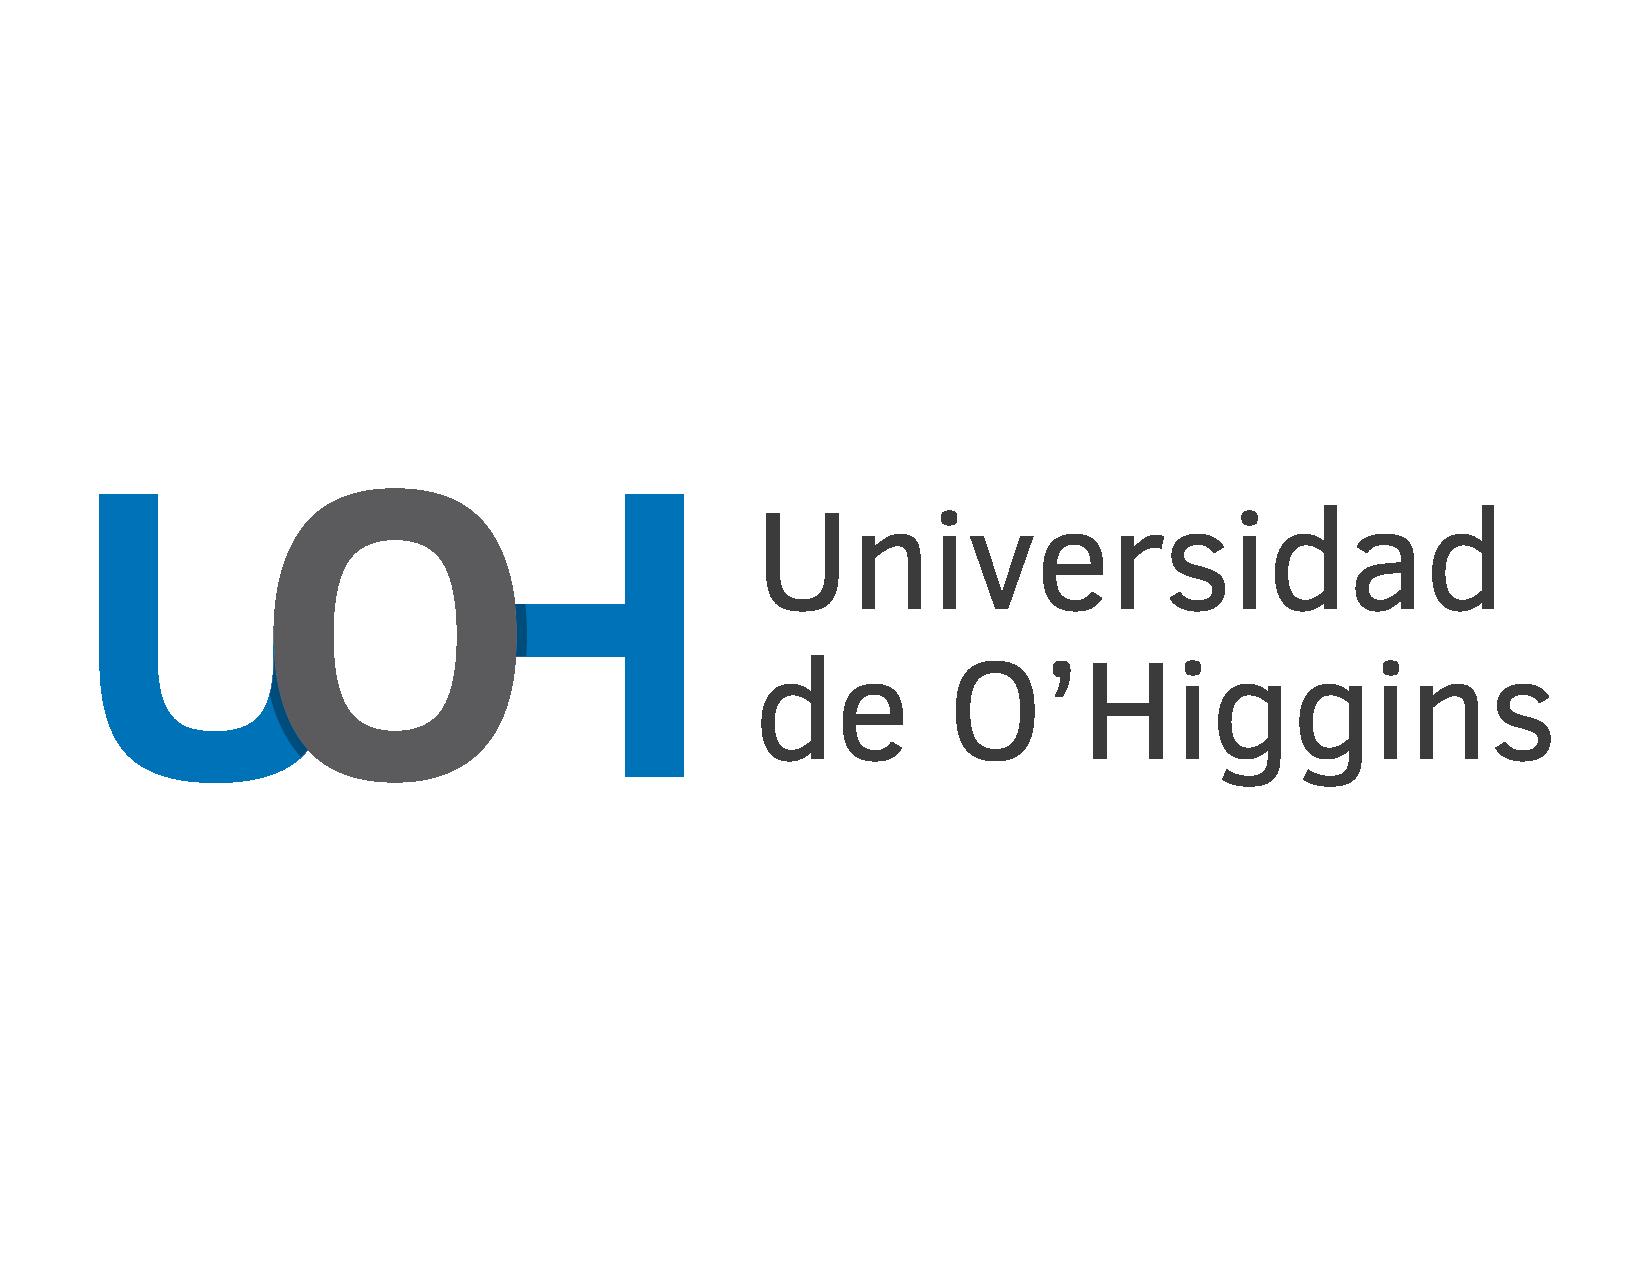 Puntajes mínimos para postular a la nueva Universidad de O'Higgins